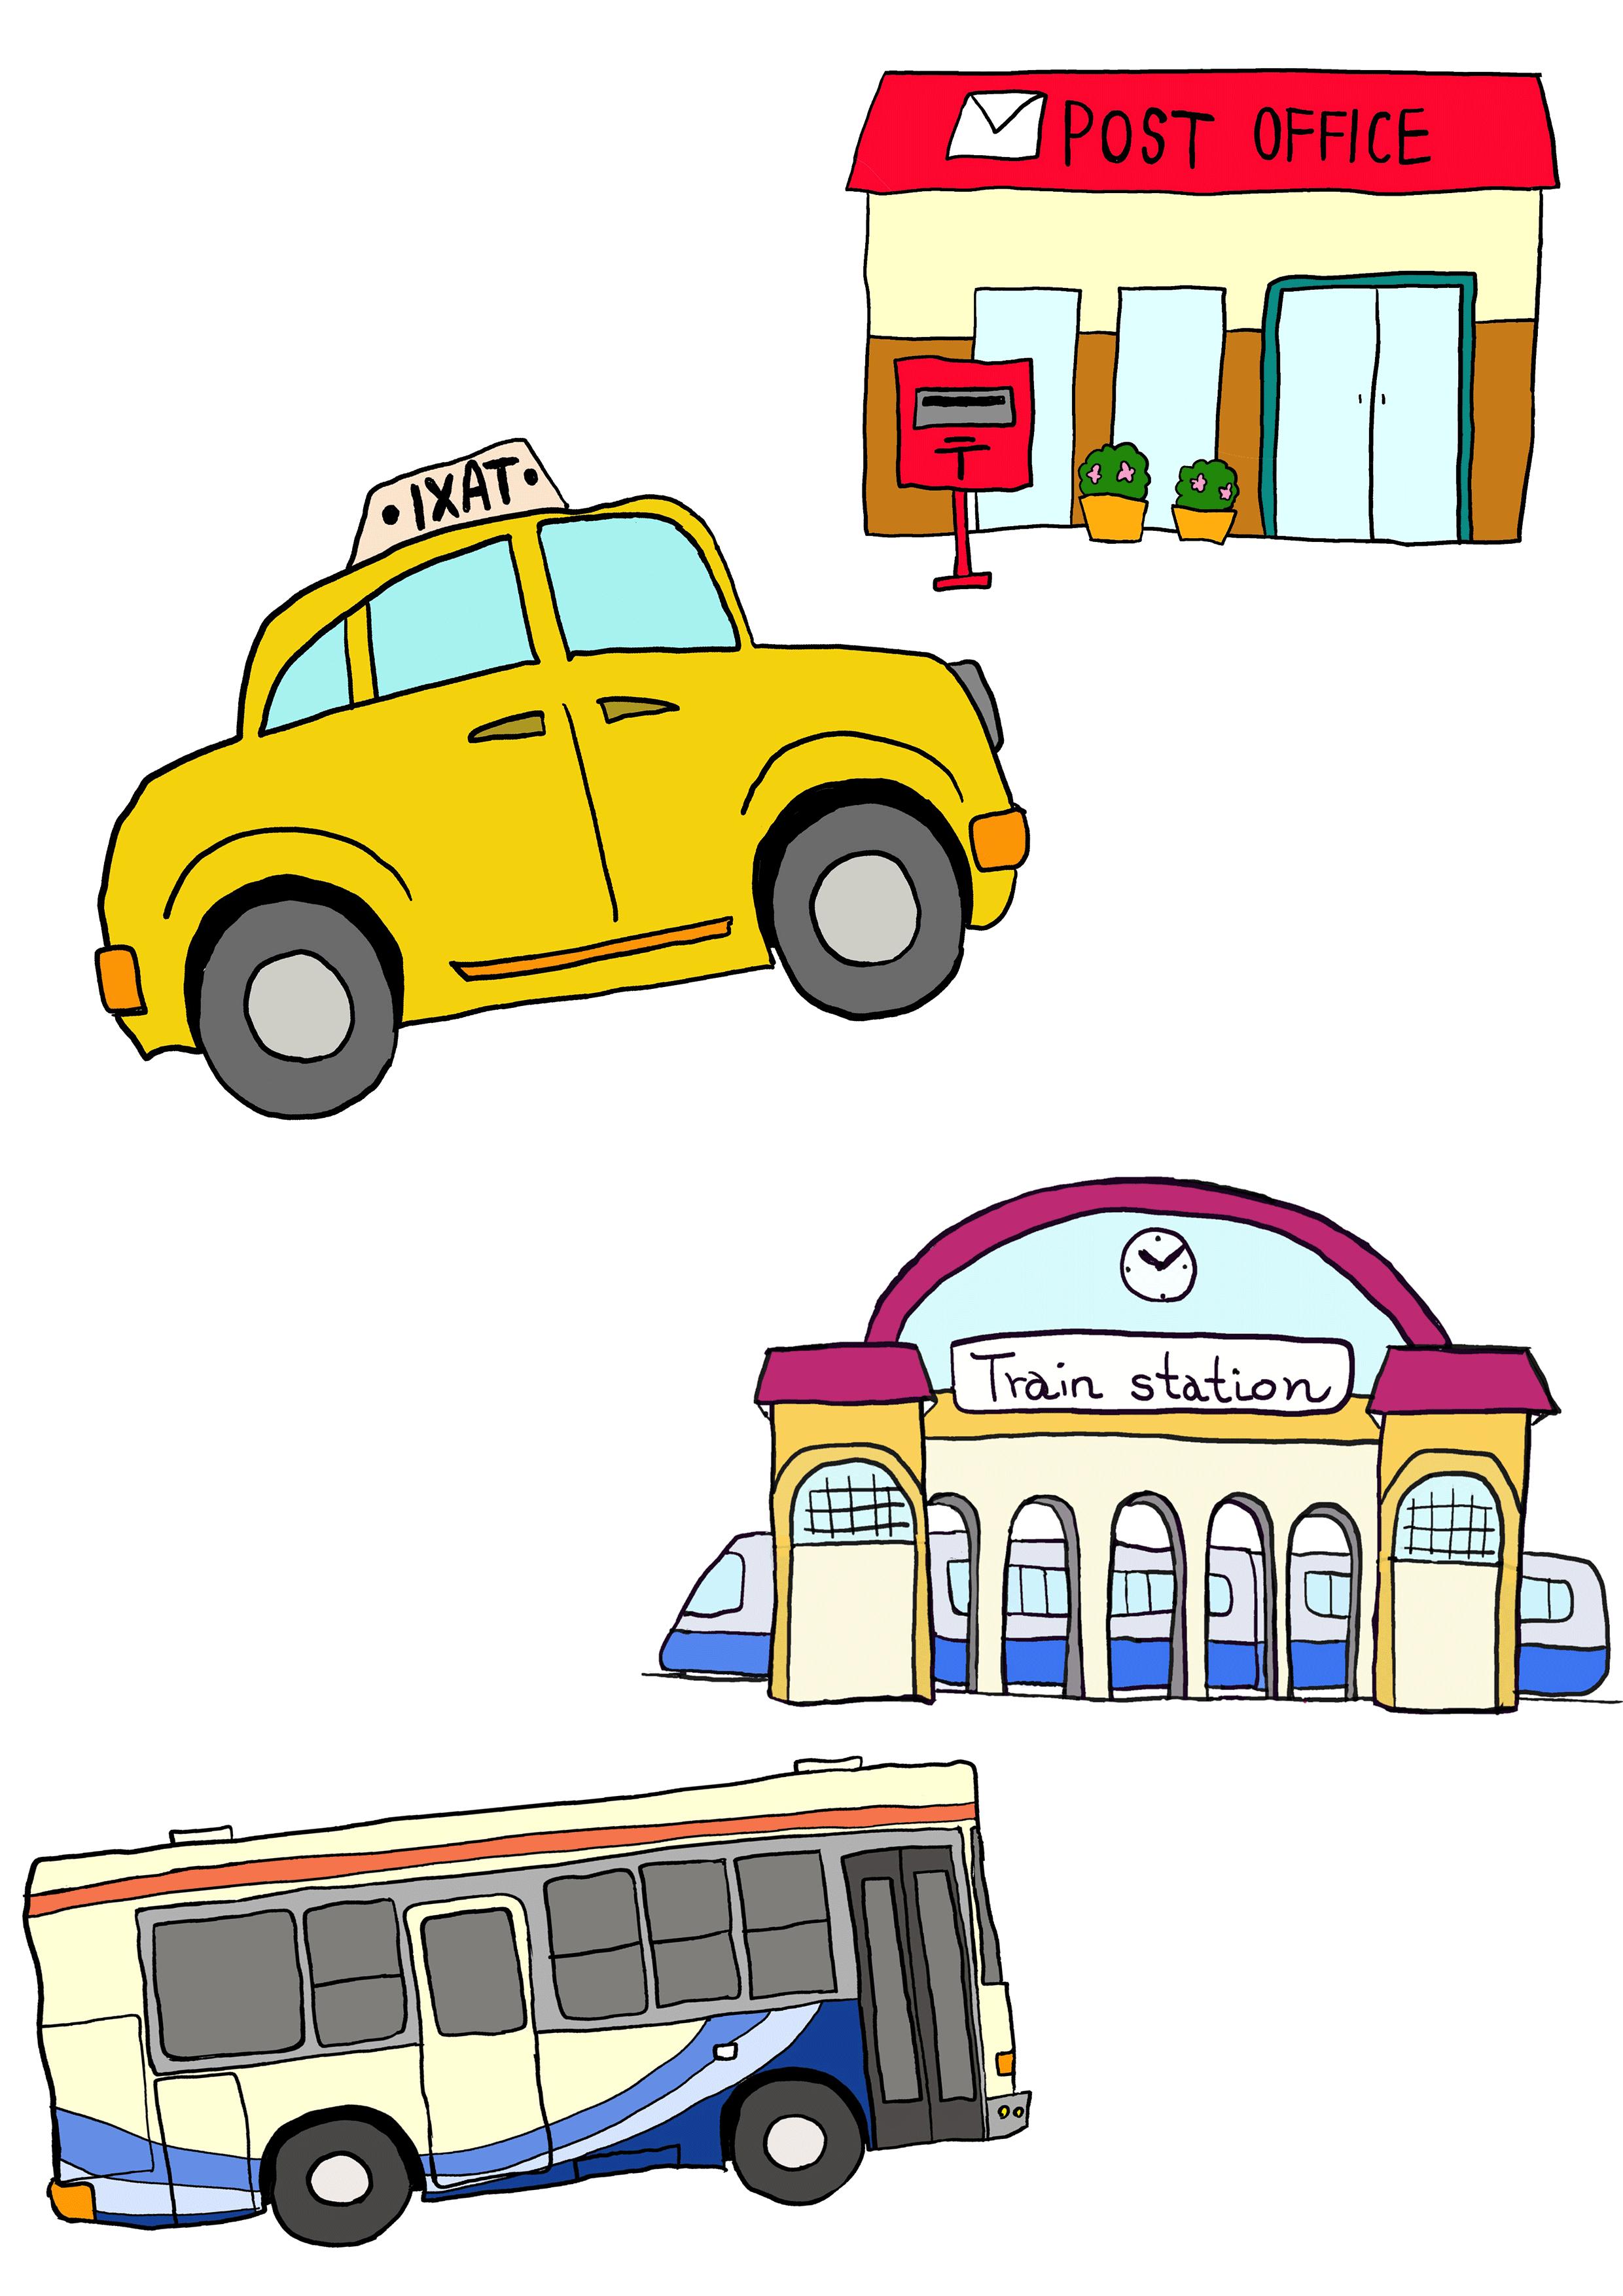 5課イラスト【タクシーで郵便局/バスで駅】